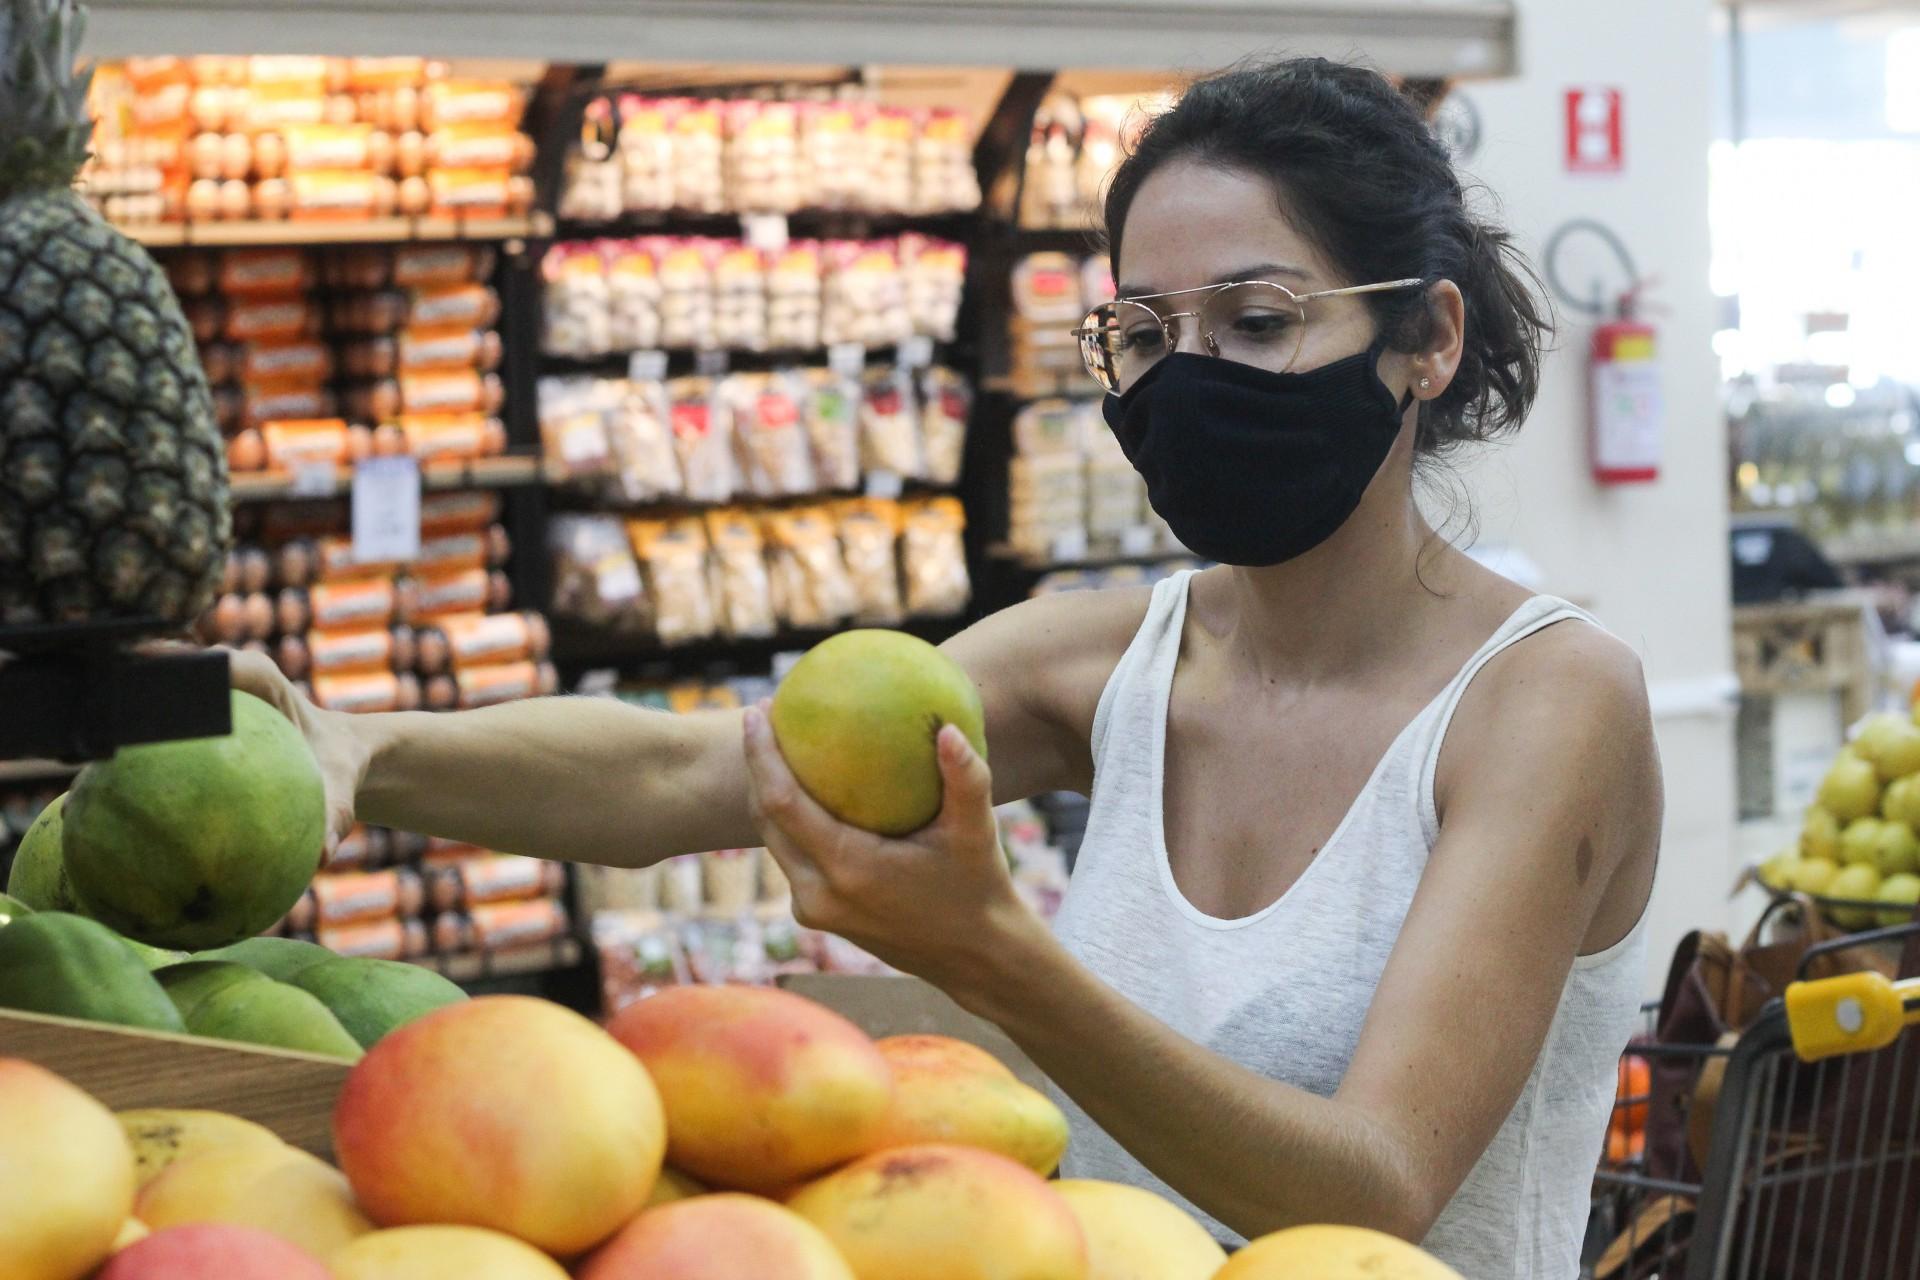 FORTALEZA, CE, Brasil. 04.01.2021: Aumento de preços de produtos em mercantis no Ceará. (Fotos: Deisa Garcêz/Especial para O Povo)